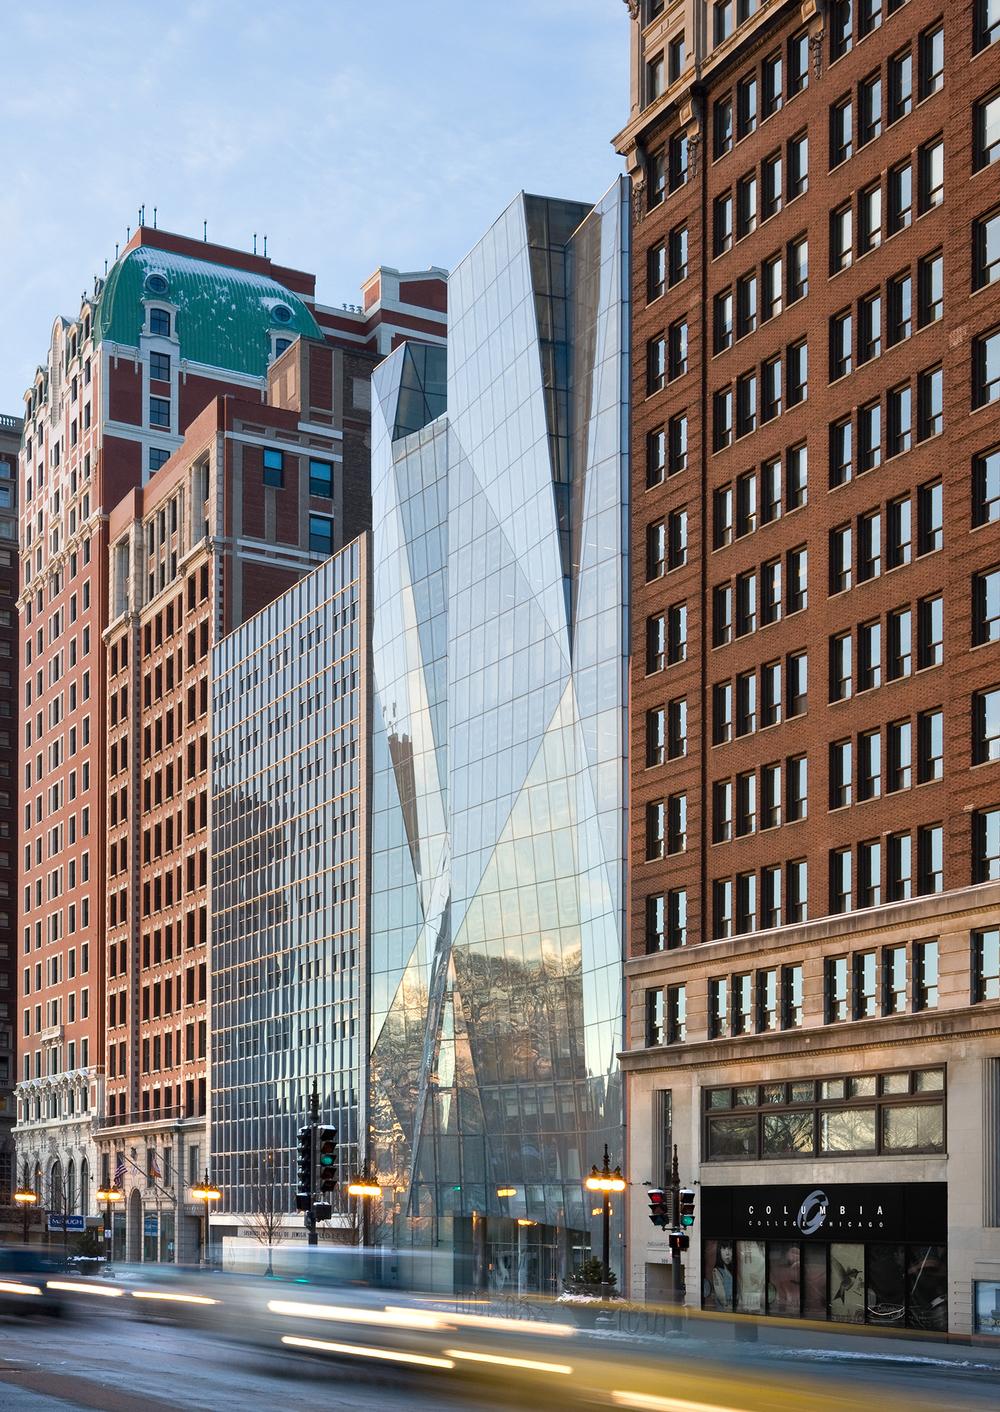 Spertus Institute / Krueck & Sexton / Chicago IL